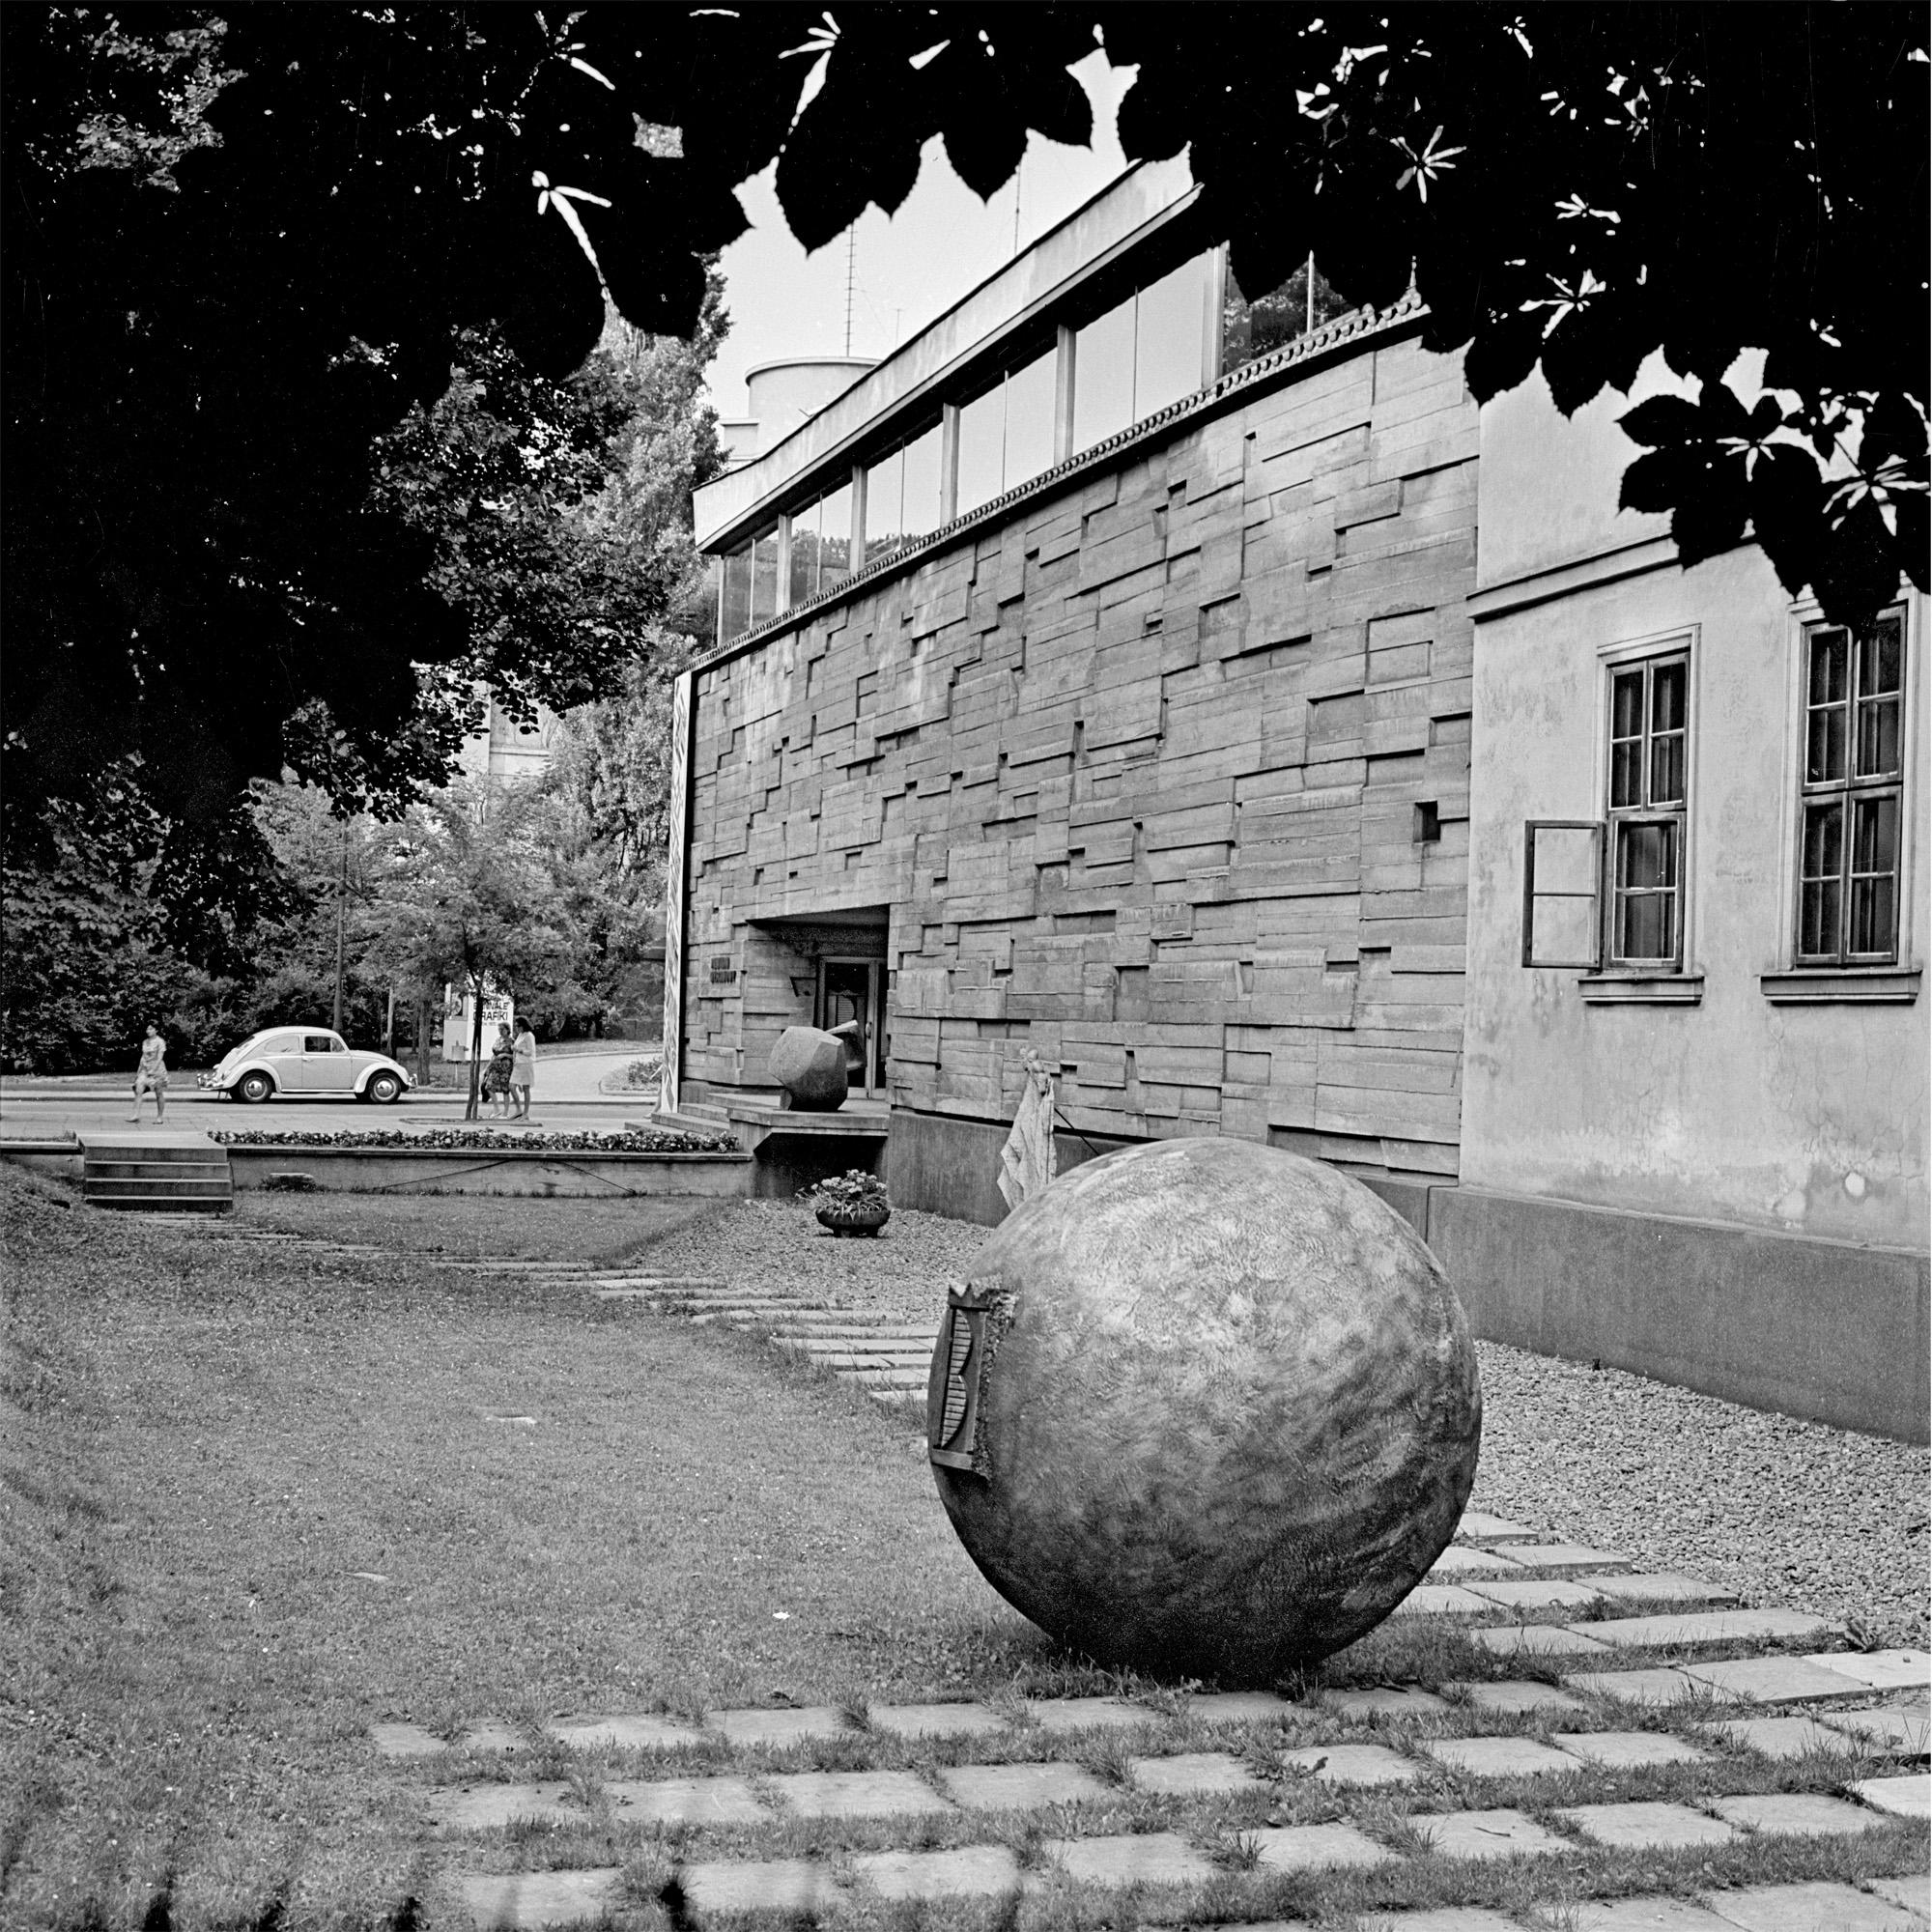 Teren ekspozycyjny przedMPW, lata 60. XX wieku, fot.J. Podlecki, zzasobu Muzeum Historycznego Miasta Krakowa